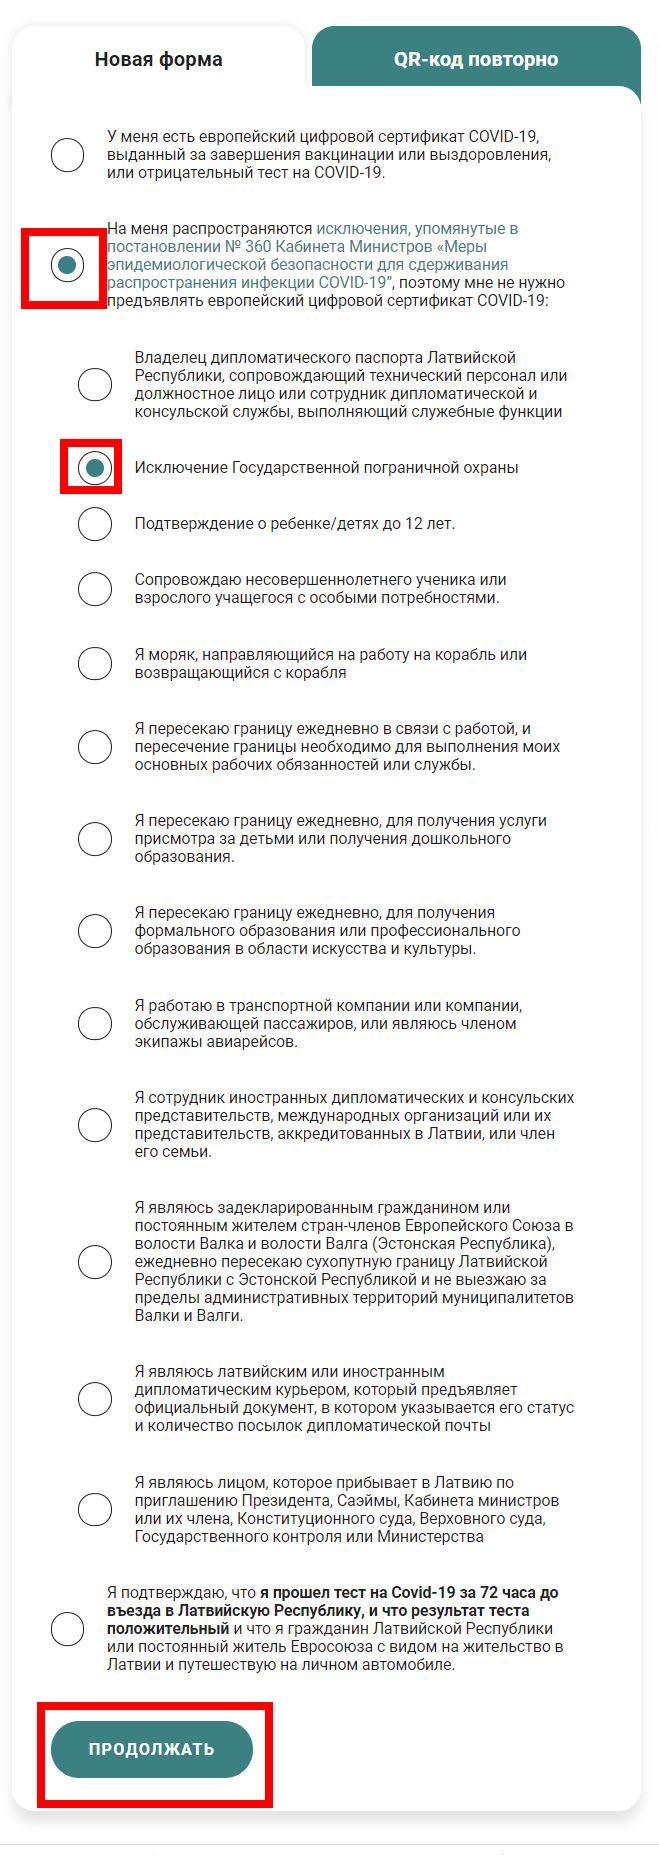 Заполнение QR кода при путешествии на автобусе Минск - Таллинн от VR Lines